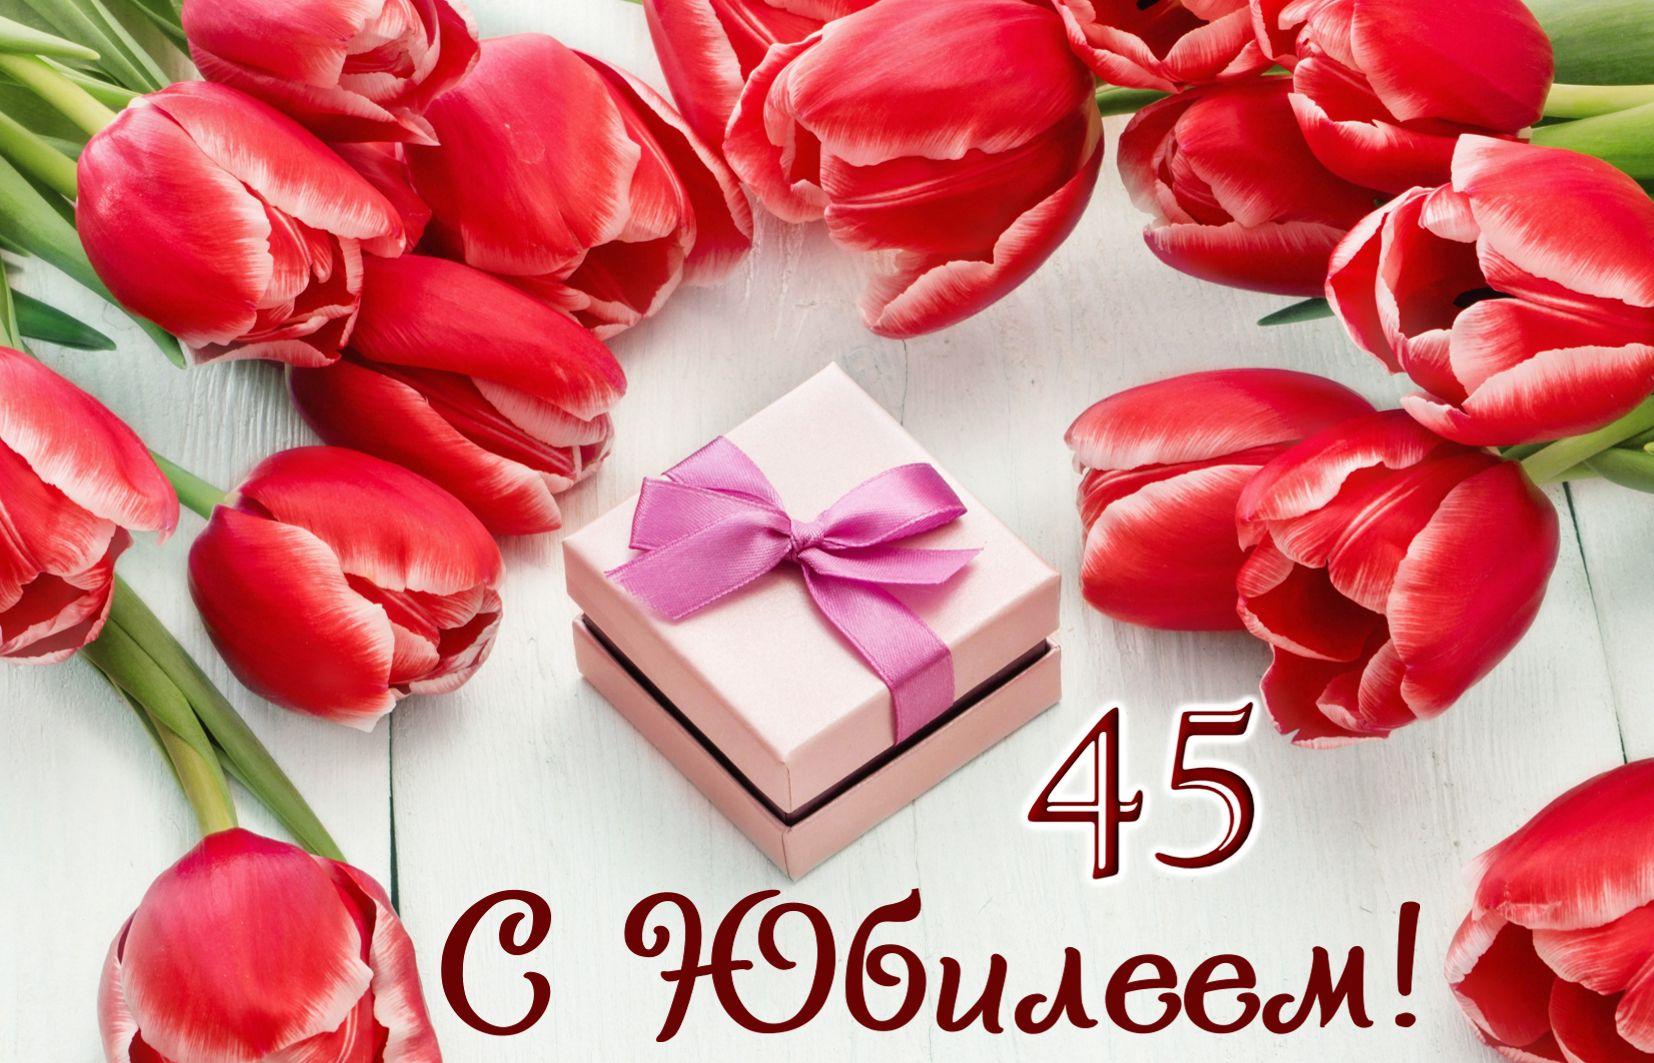 Открытка на юбилей 45 лет - подарок в окружении красных тюльпанов